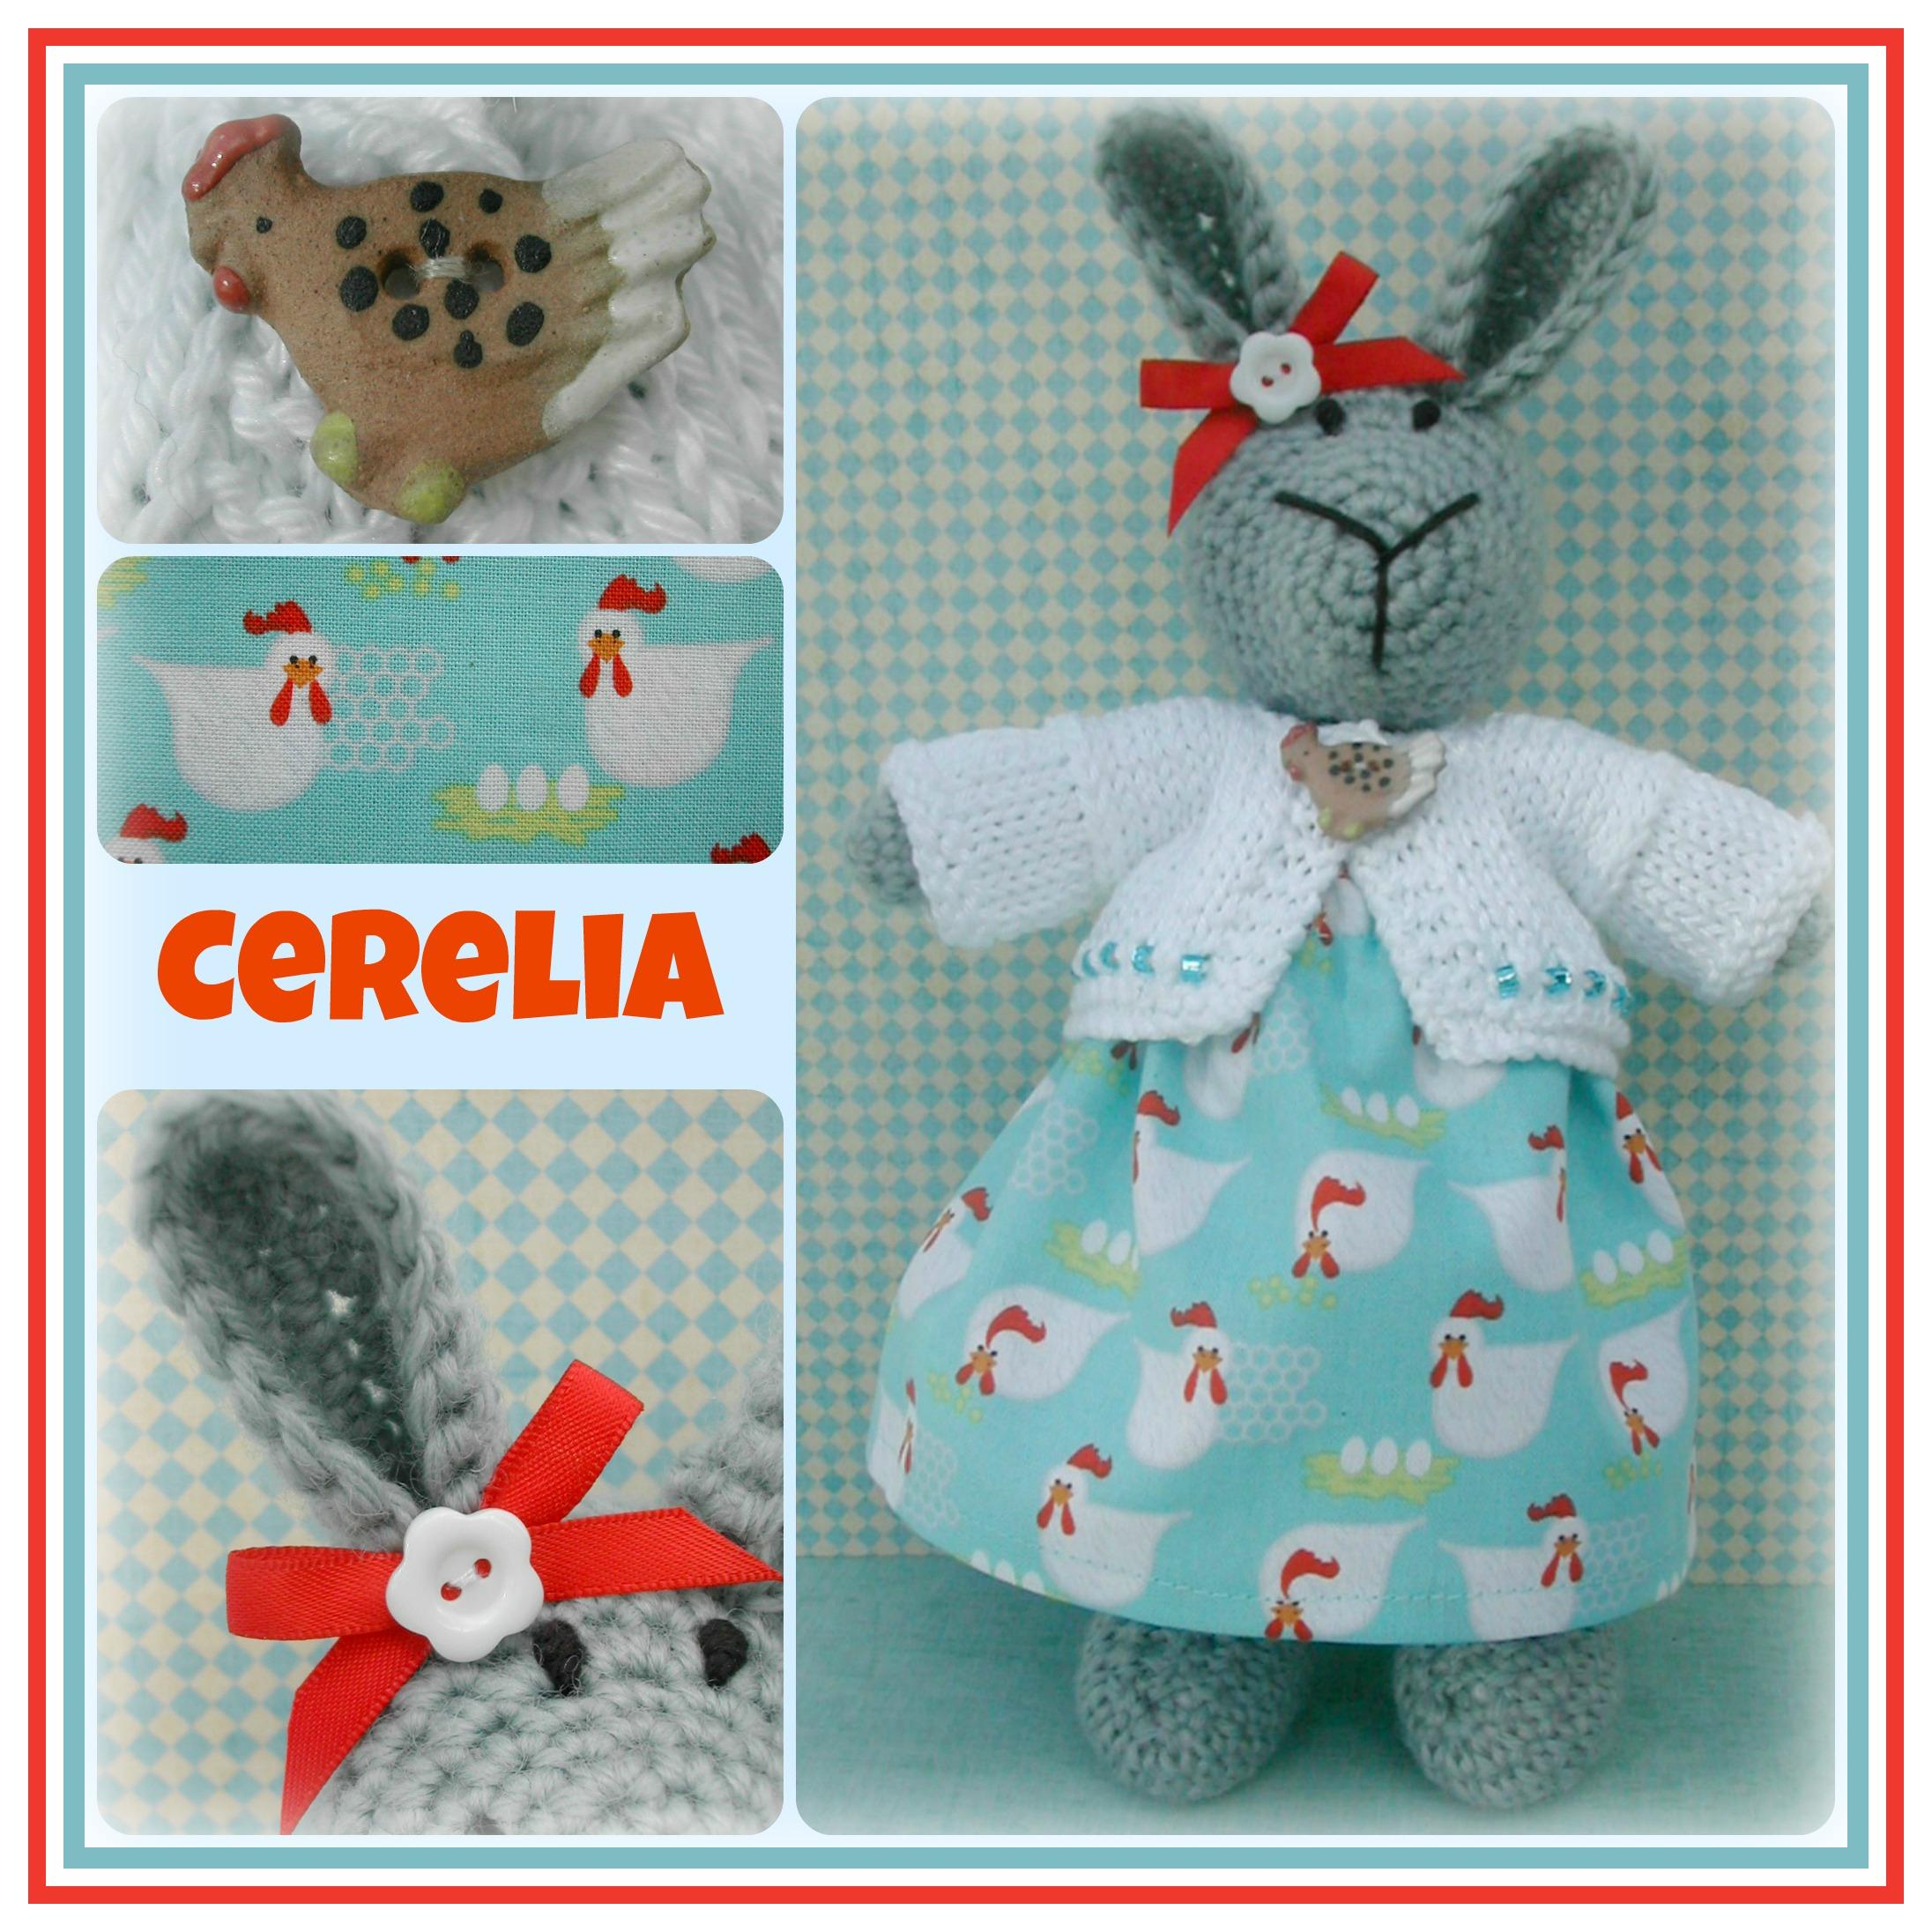 Cerelia Collage